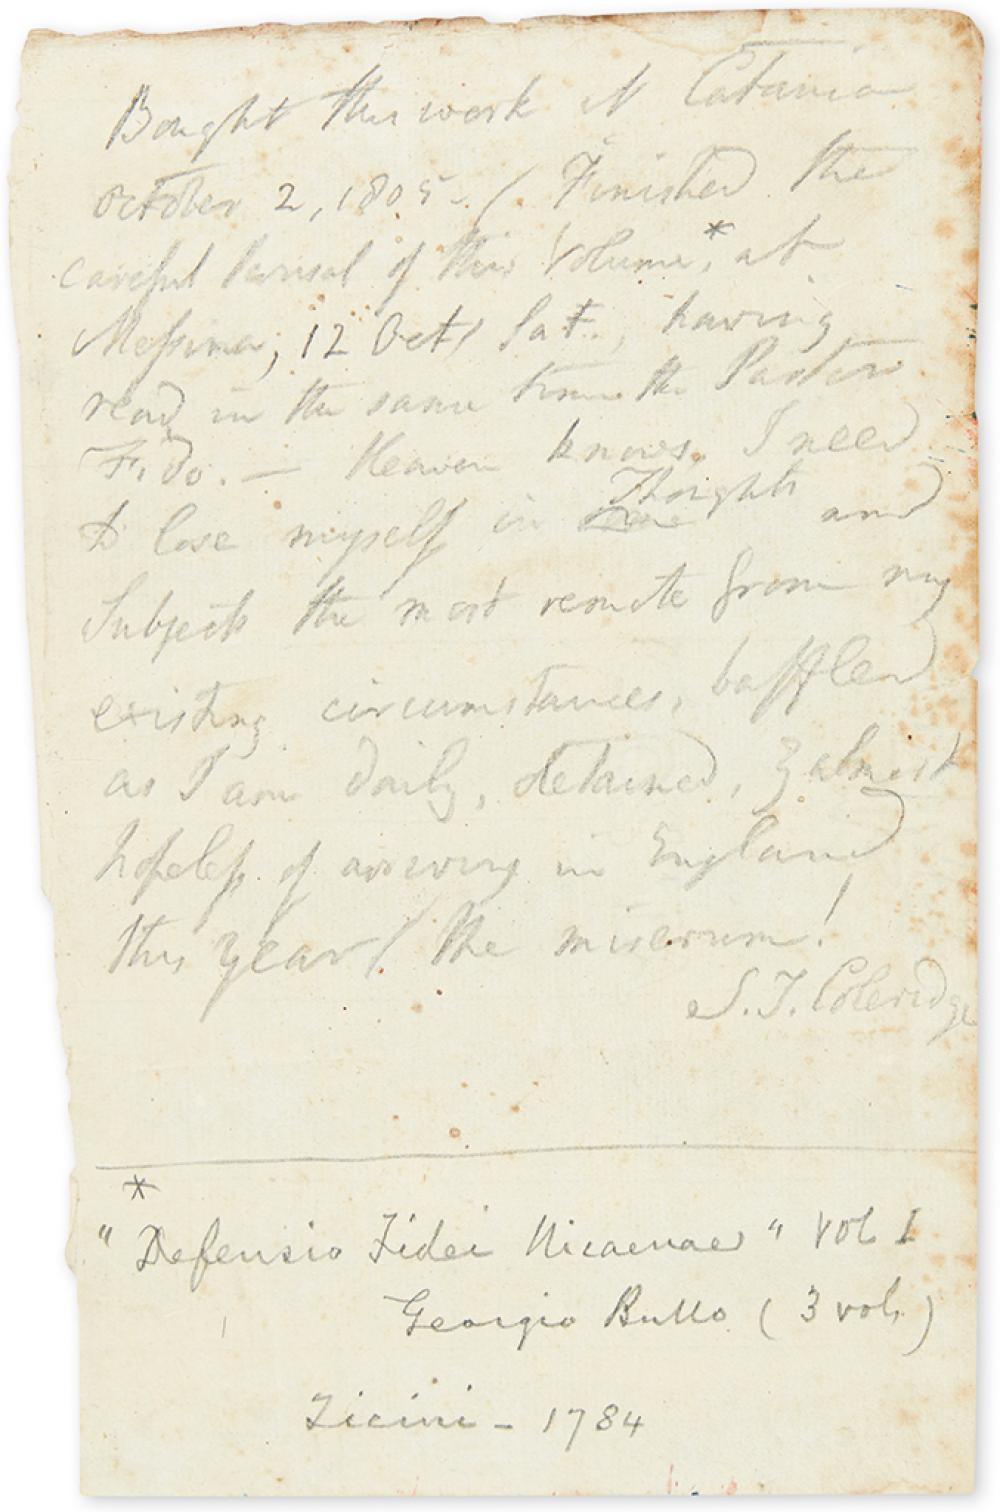 COLERIDGE, SAMUEL TAYLOR. Autograph Manuscript Signed,